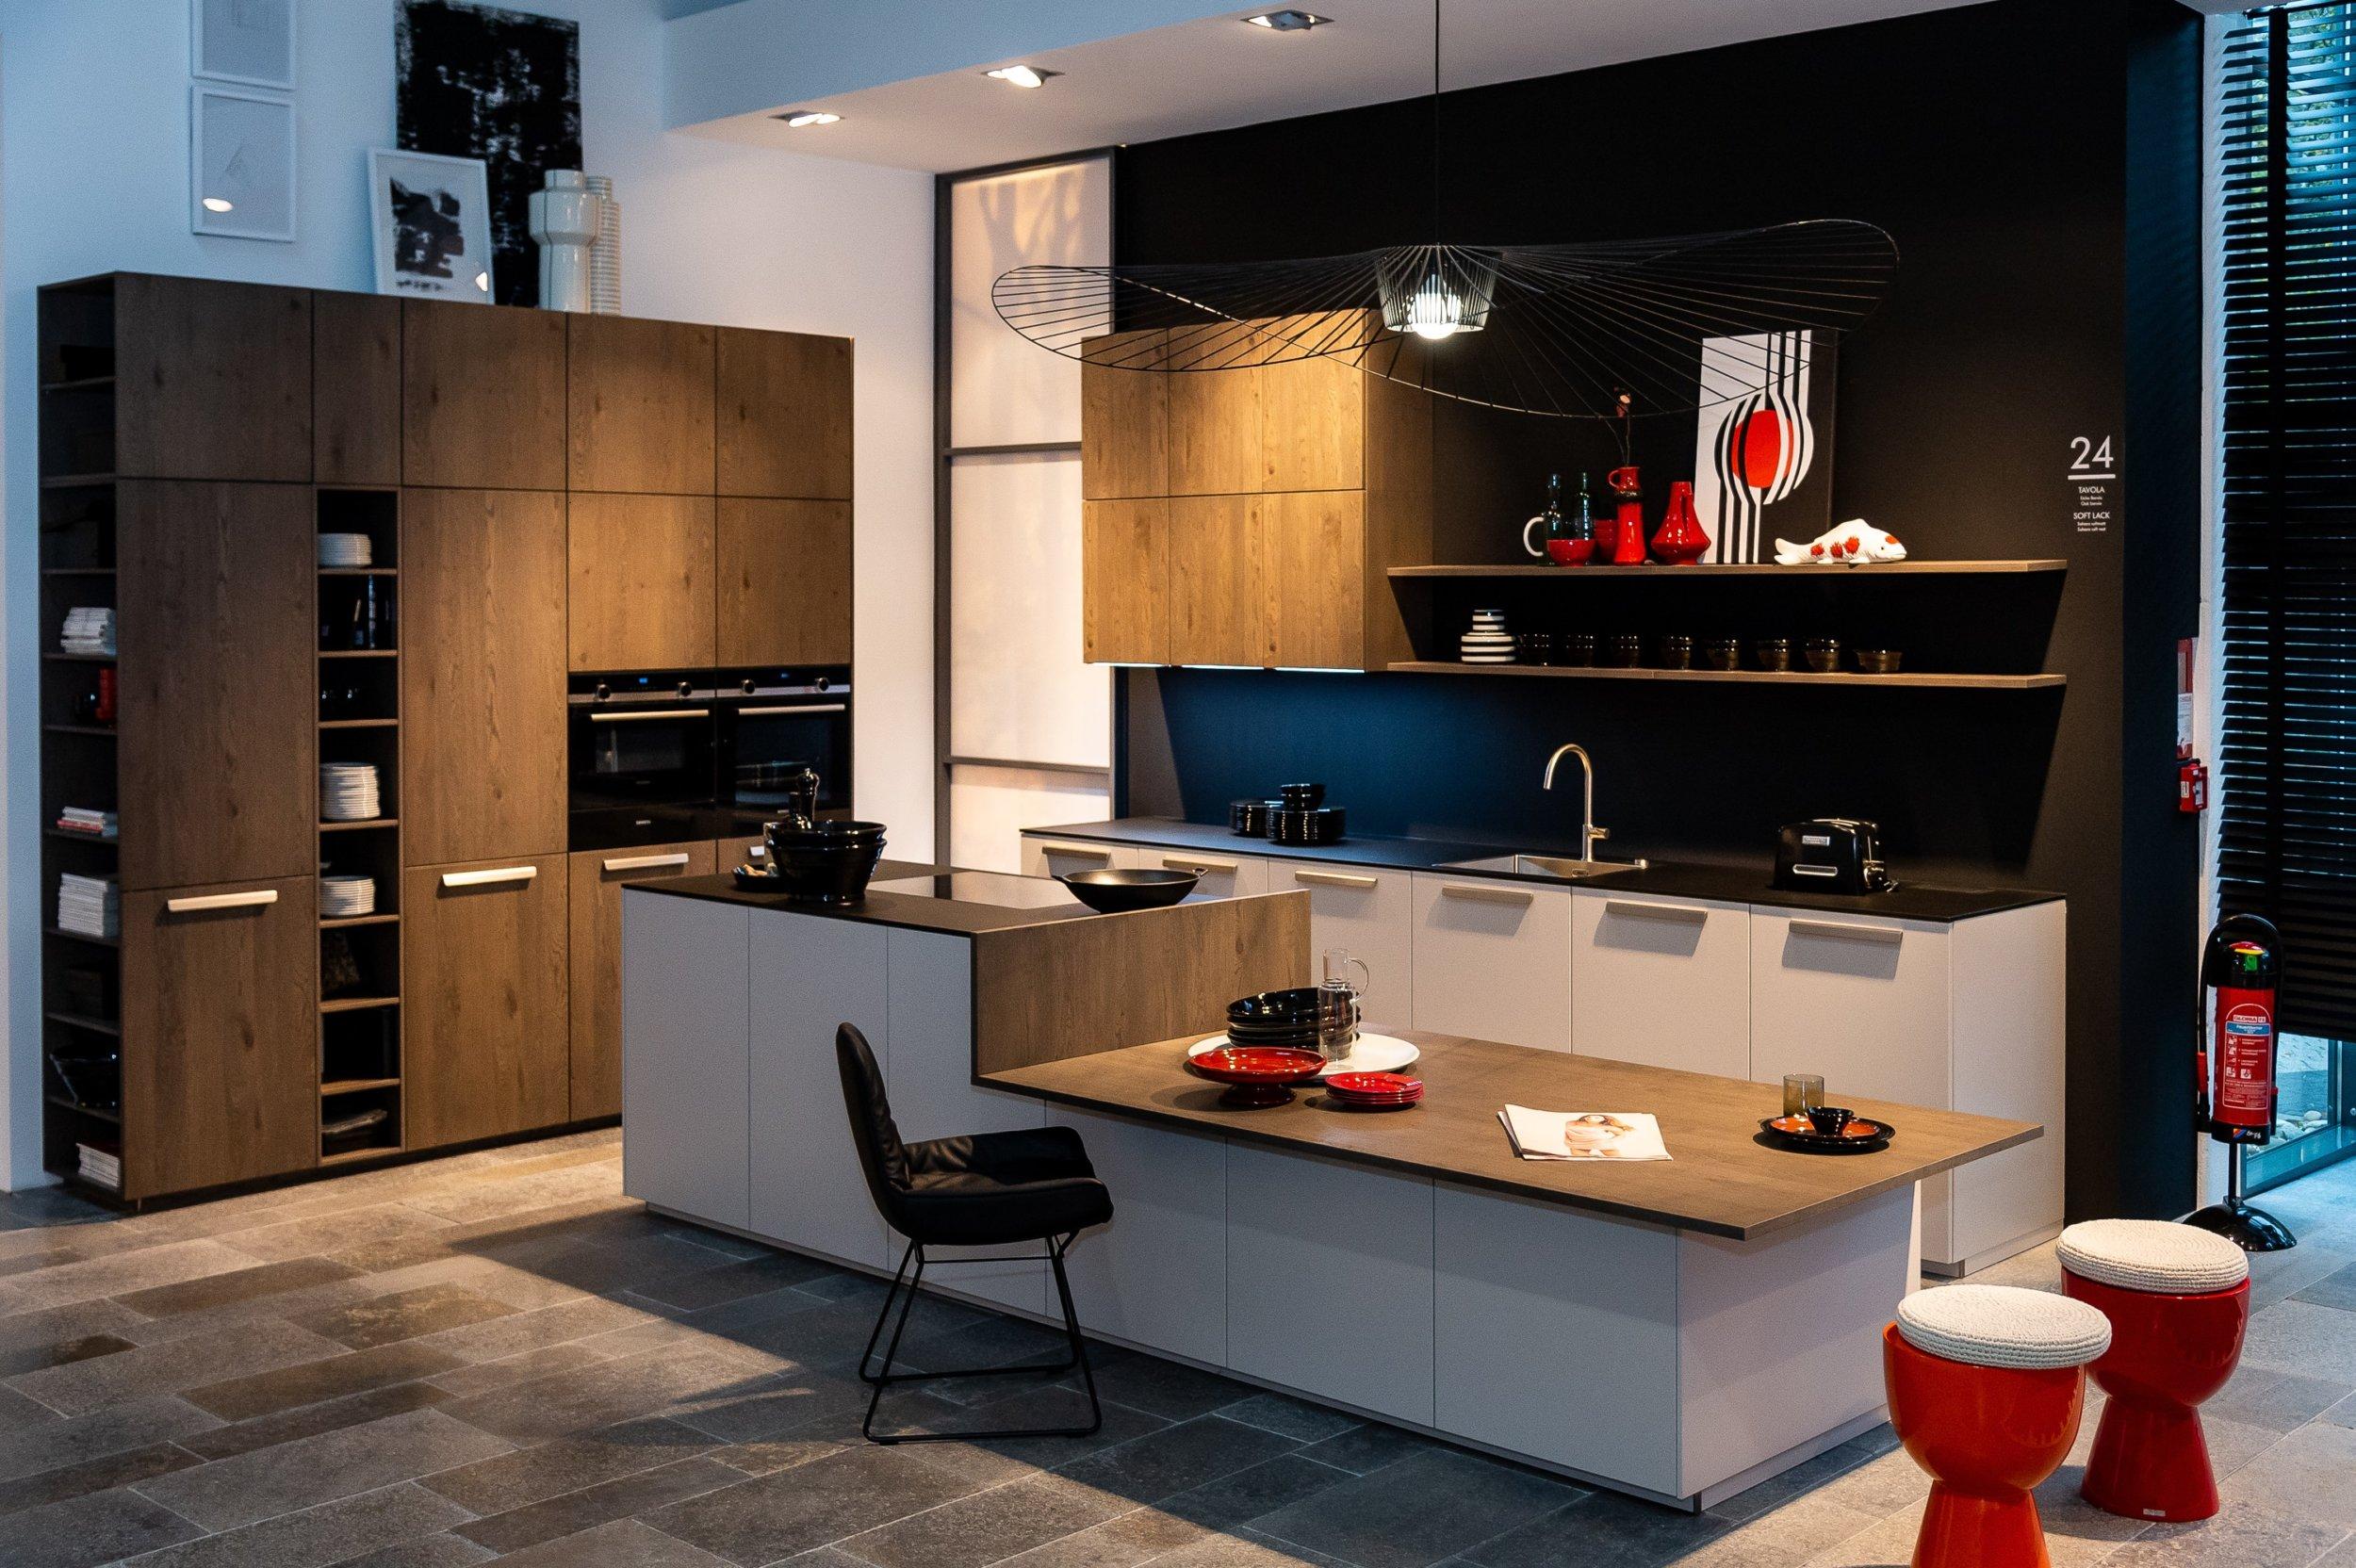 Full Size of Nolte Küchen Glasfront Mein Kchendesign Finden Ber 1000 Impressionen Fr Ihre Traumkche Schlafzimmer Betten Küche Regal Wohnzimmer Nolte Küchen Glasfront